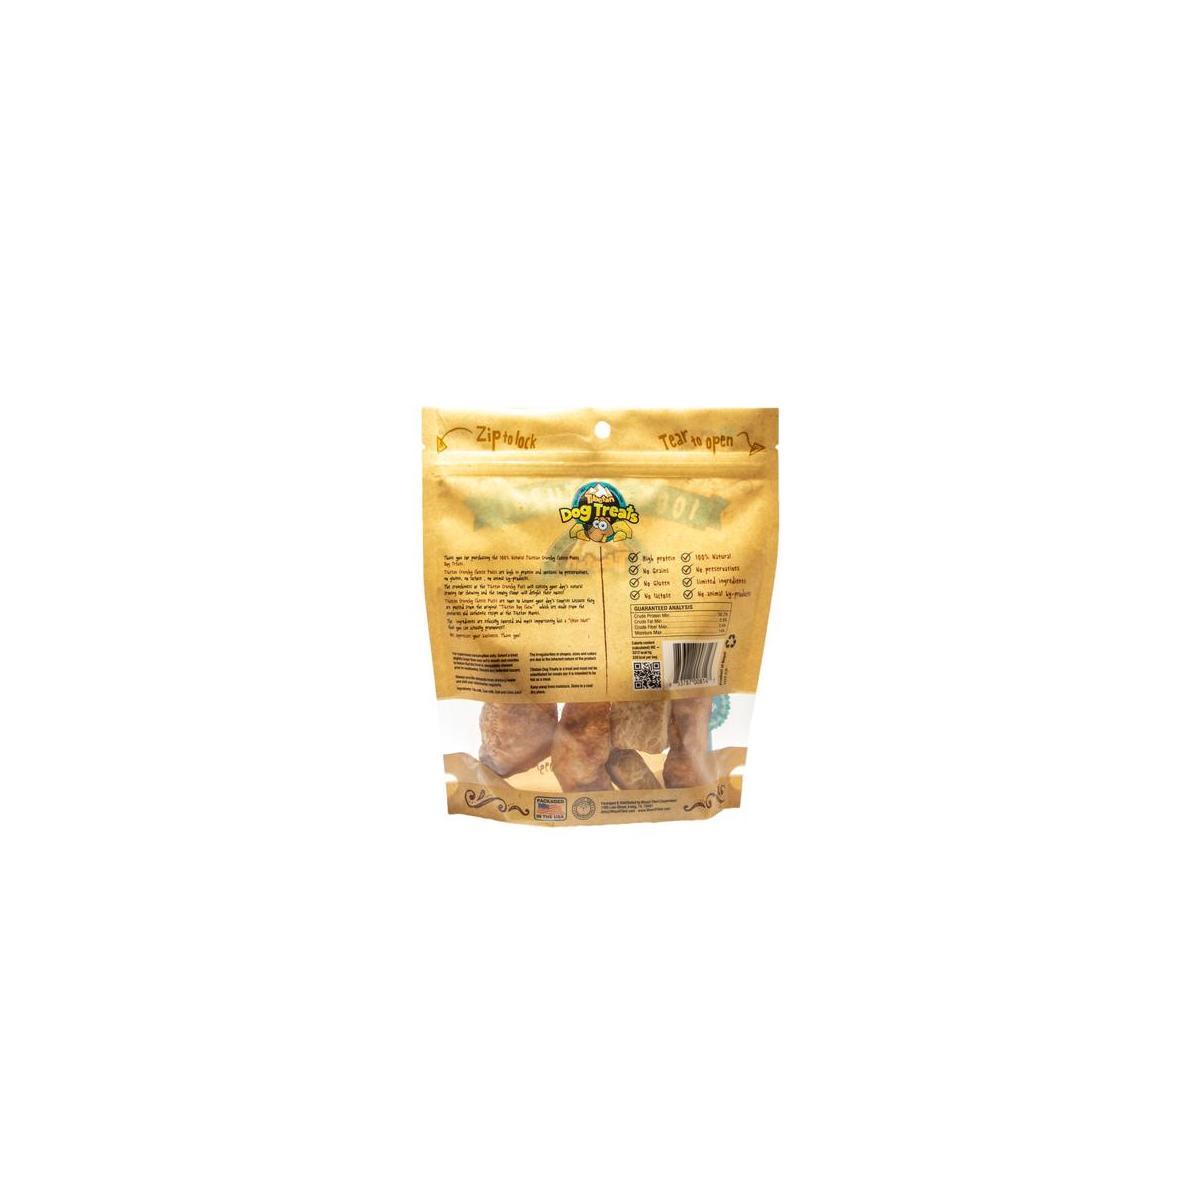 Tibetan Dog Chew Yaky Cheese Puffs